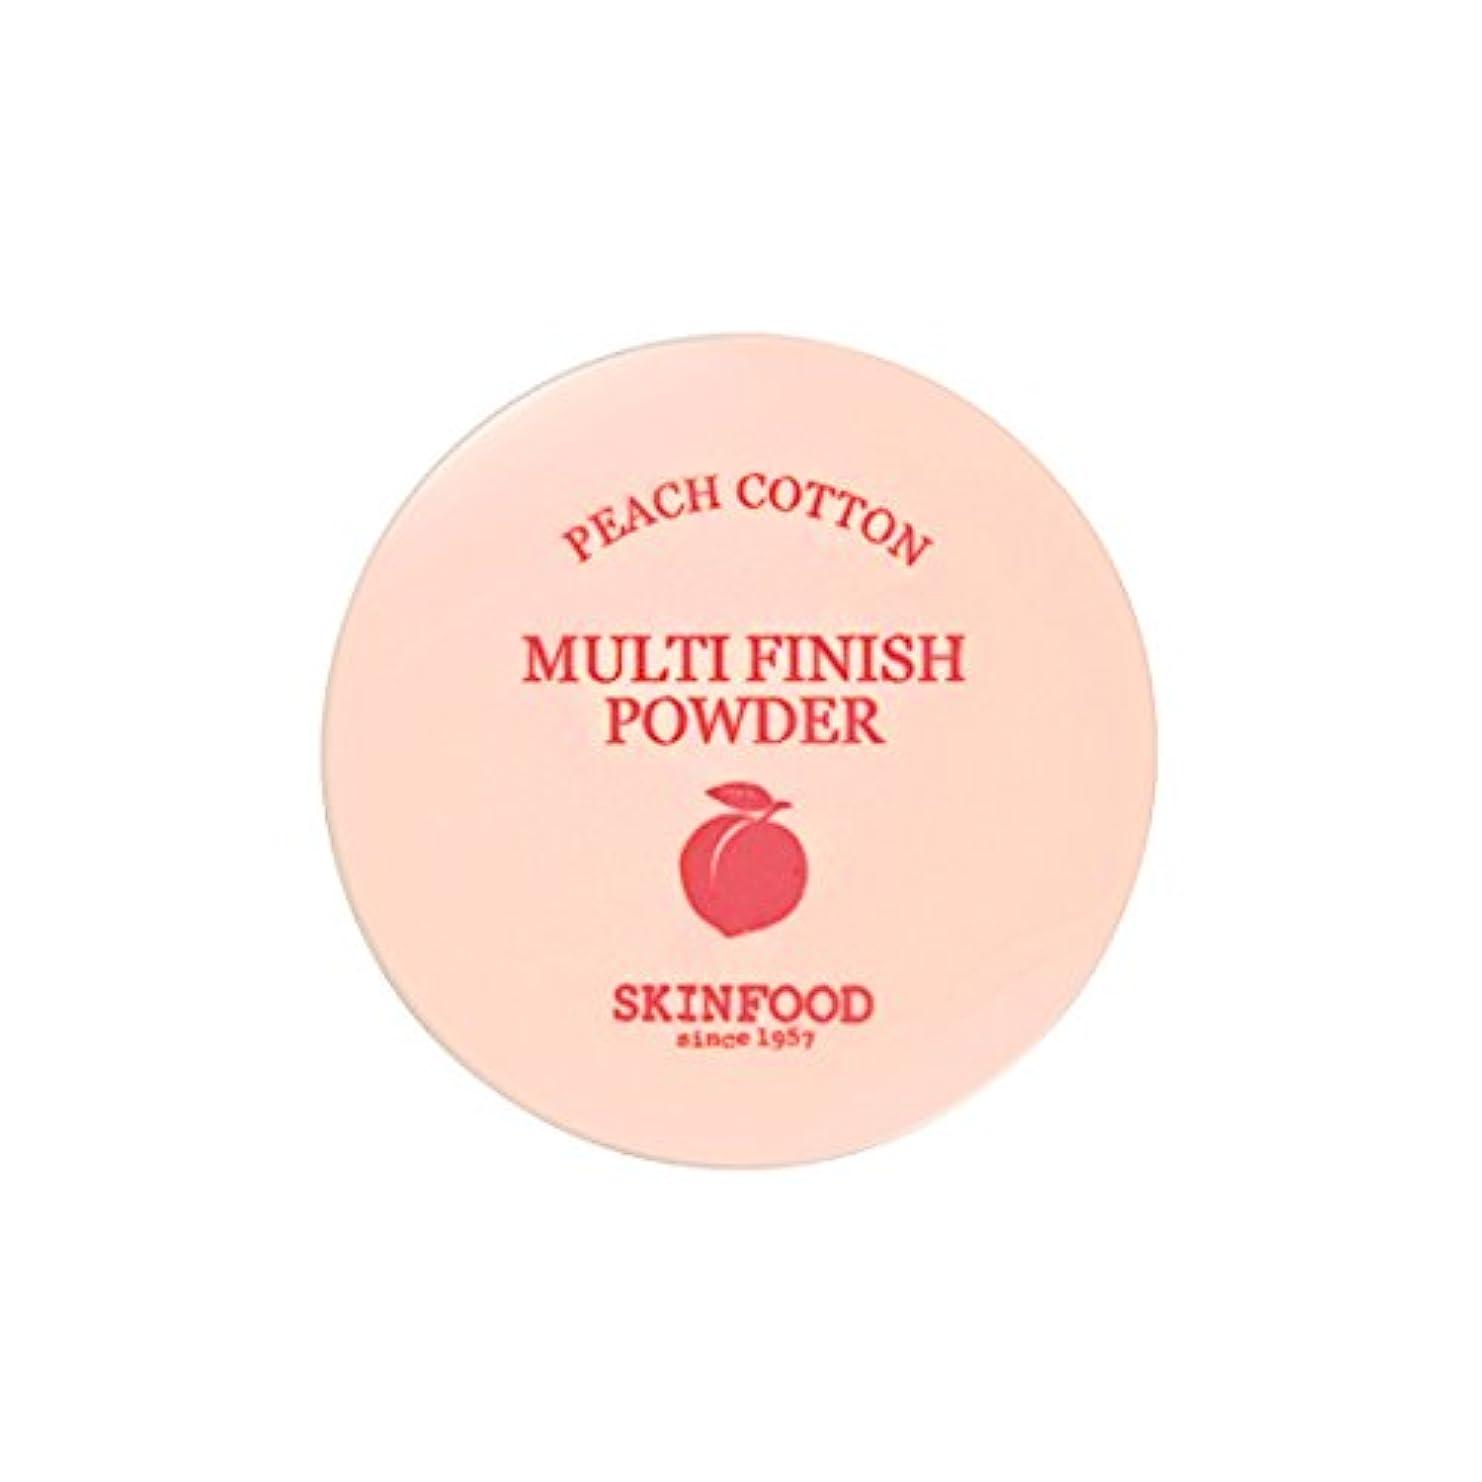 減らす良いイベント[New] SKINFOOD Peach Cotton Multi Finish Powder/スキンフード ピーチ コットン マルチ フィニッシュ パウダー (#小容量:5g) [並行輸入品]